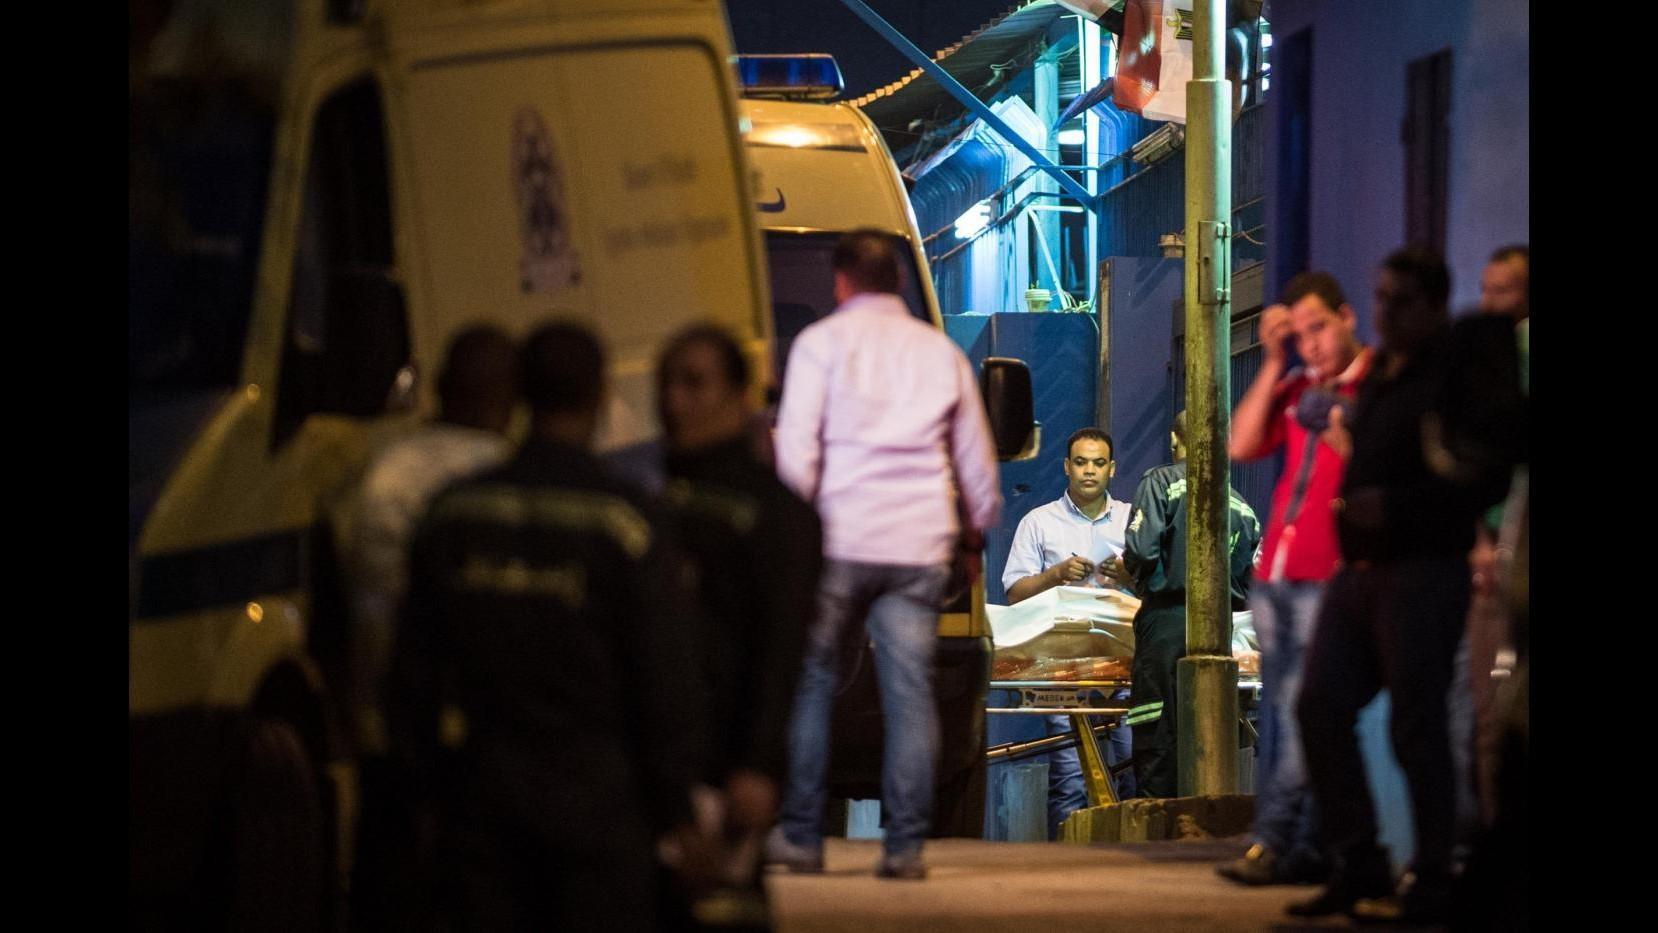 Egitto, le registrazioni dell'aereo precipitato: Suoni anomali rilevati da scatole nere